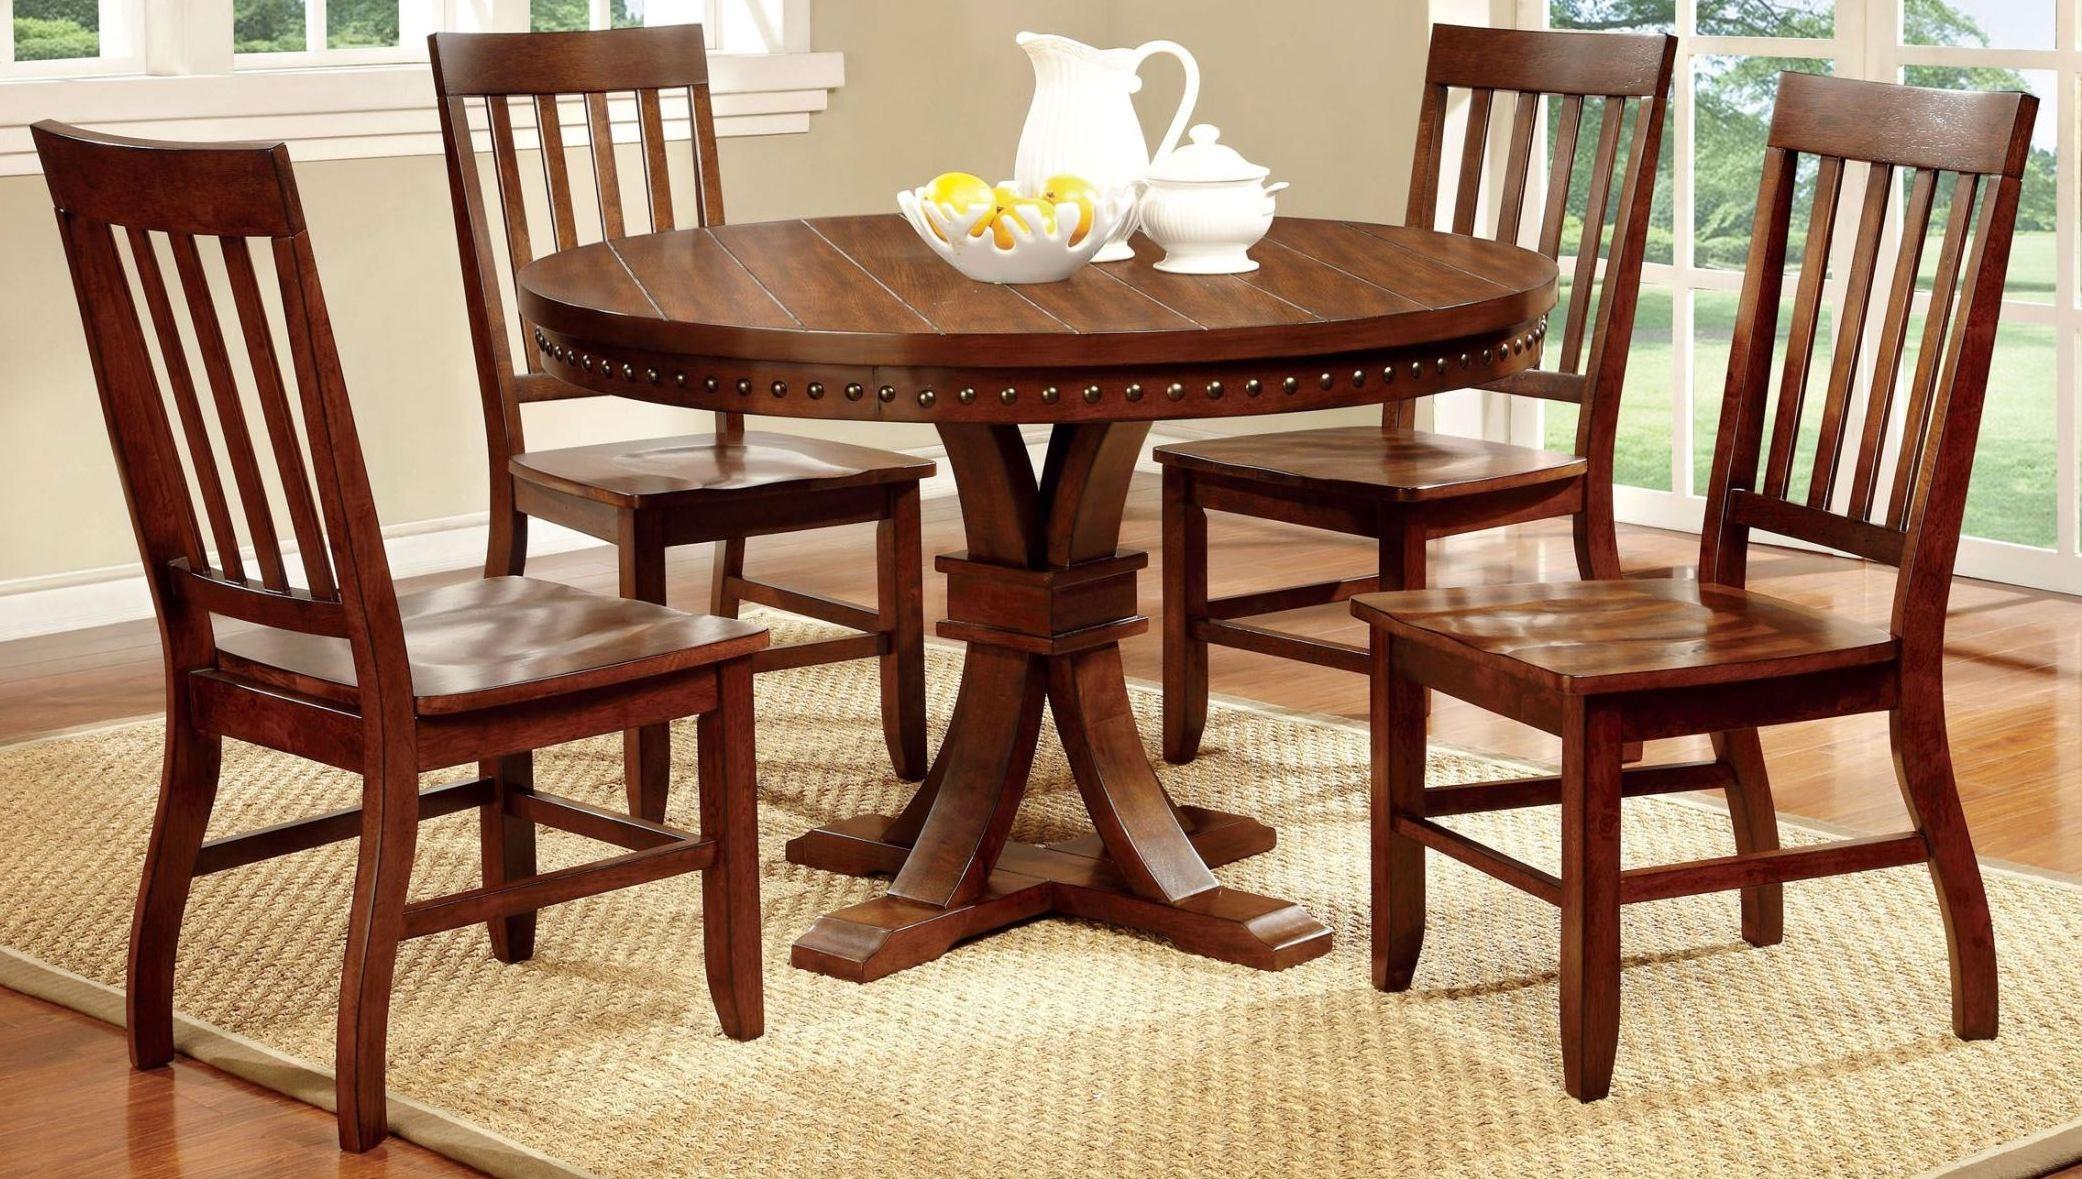 foster i dark oak round pedestal dining room set from furniture of america cm3437rt coleman. Black Bedroom Furniture Sets. Home Design Ideas